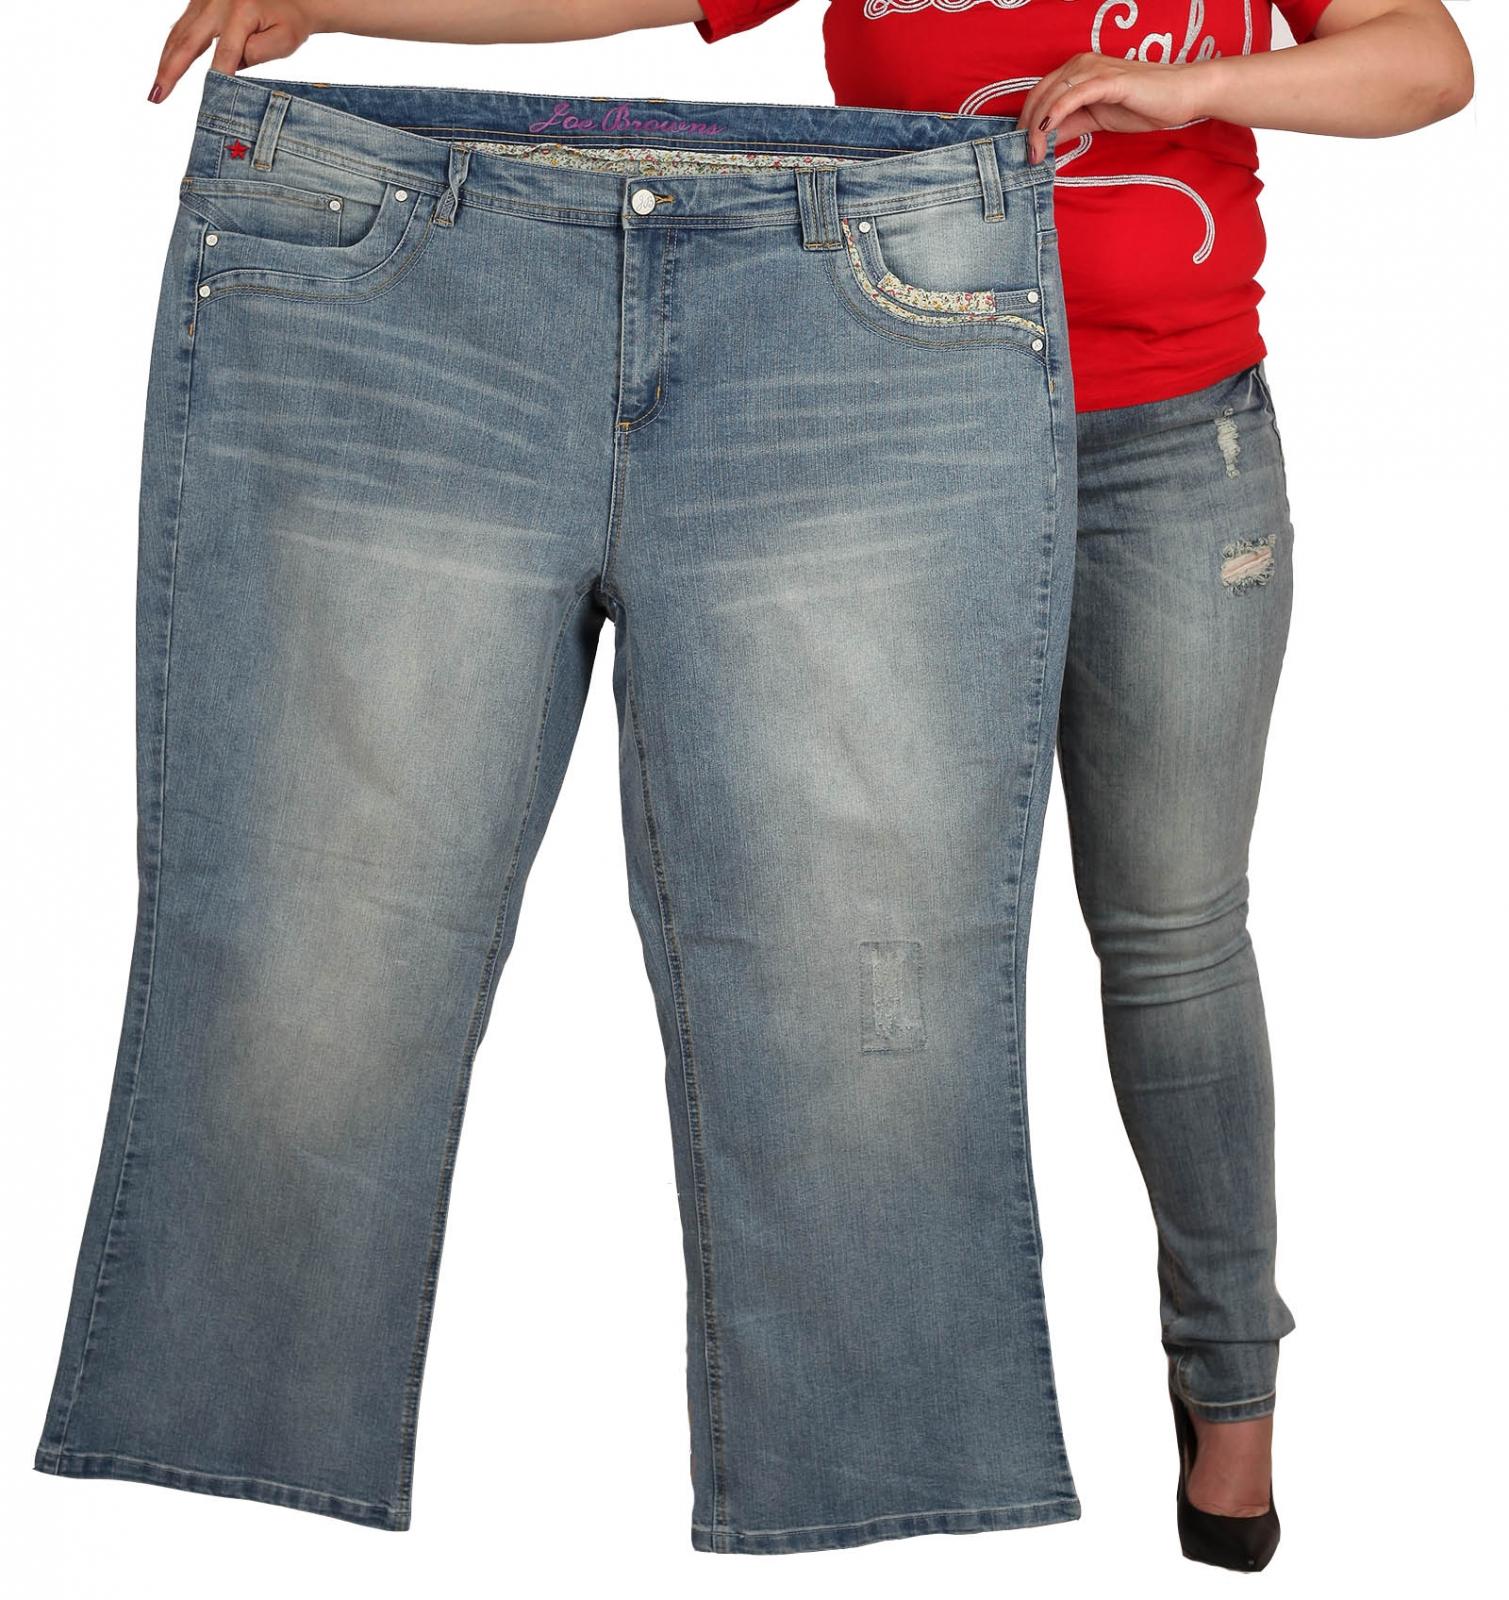 Женские джинсы БАТАЛЫ с удобной посадкой